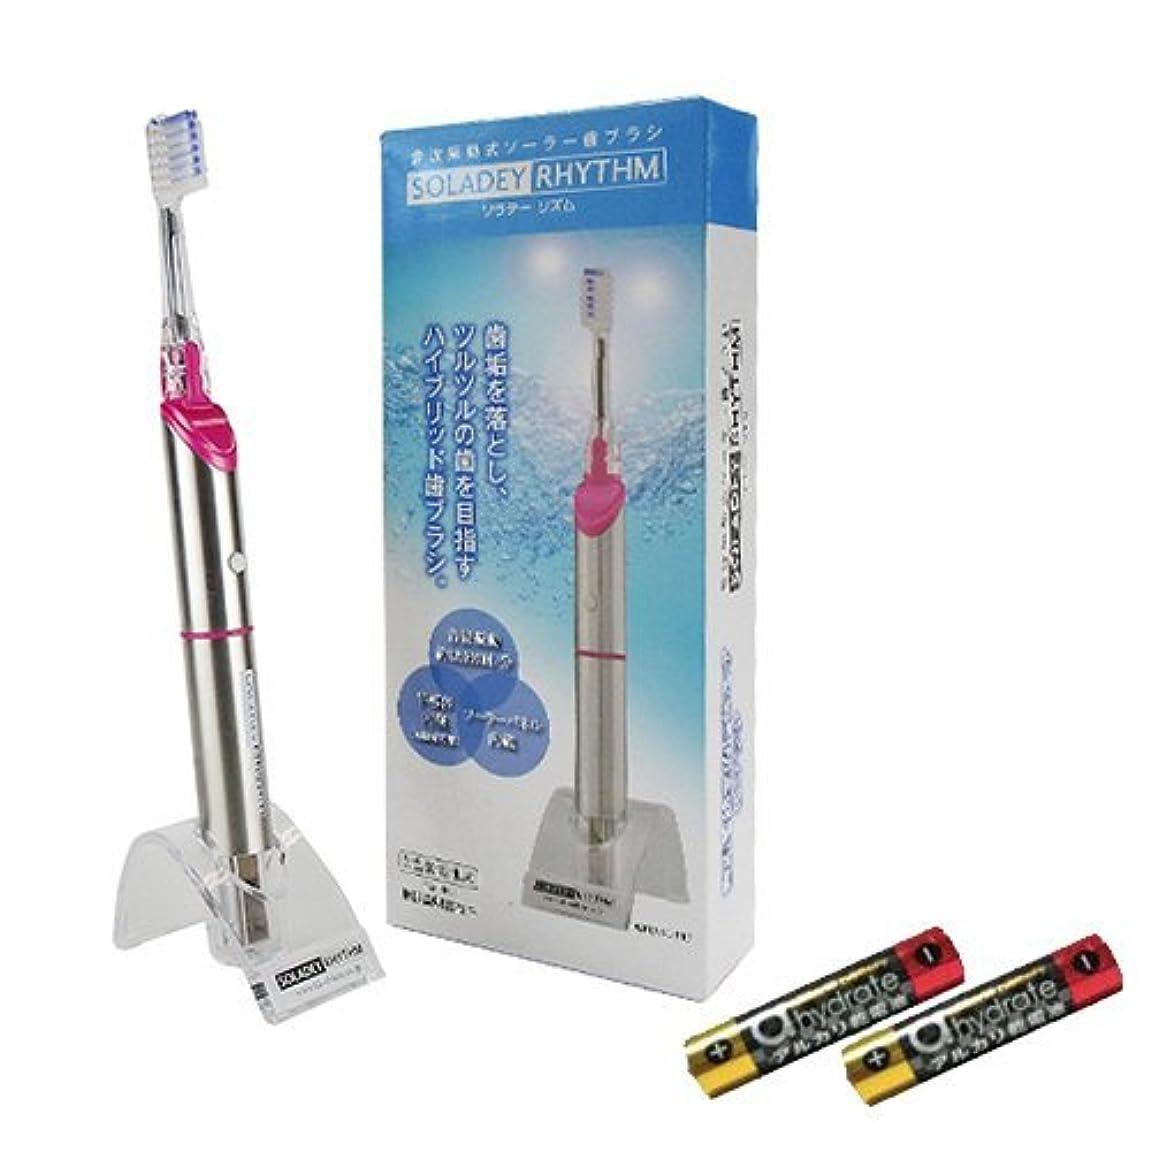 音波振動式ソーラー歯ブラシ ソラデー リズム (ジュエリーピンク) 単4アルカリ乾電池2本付き